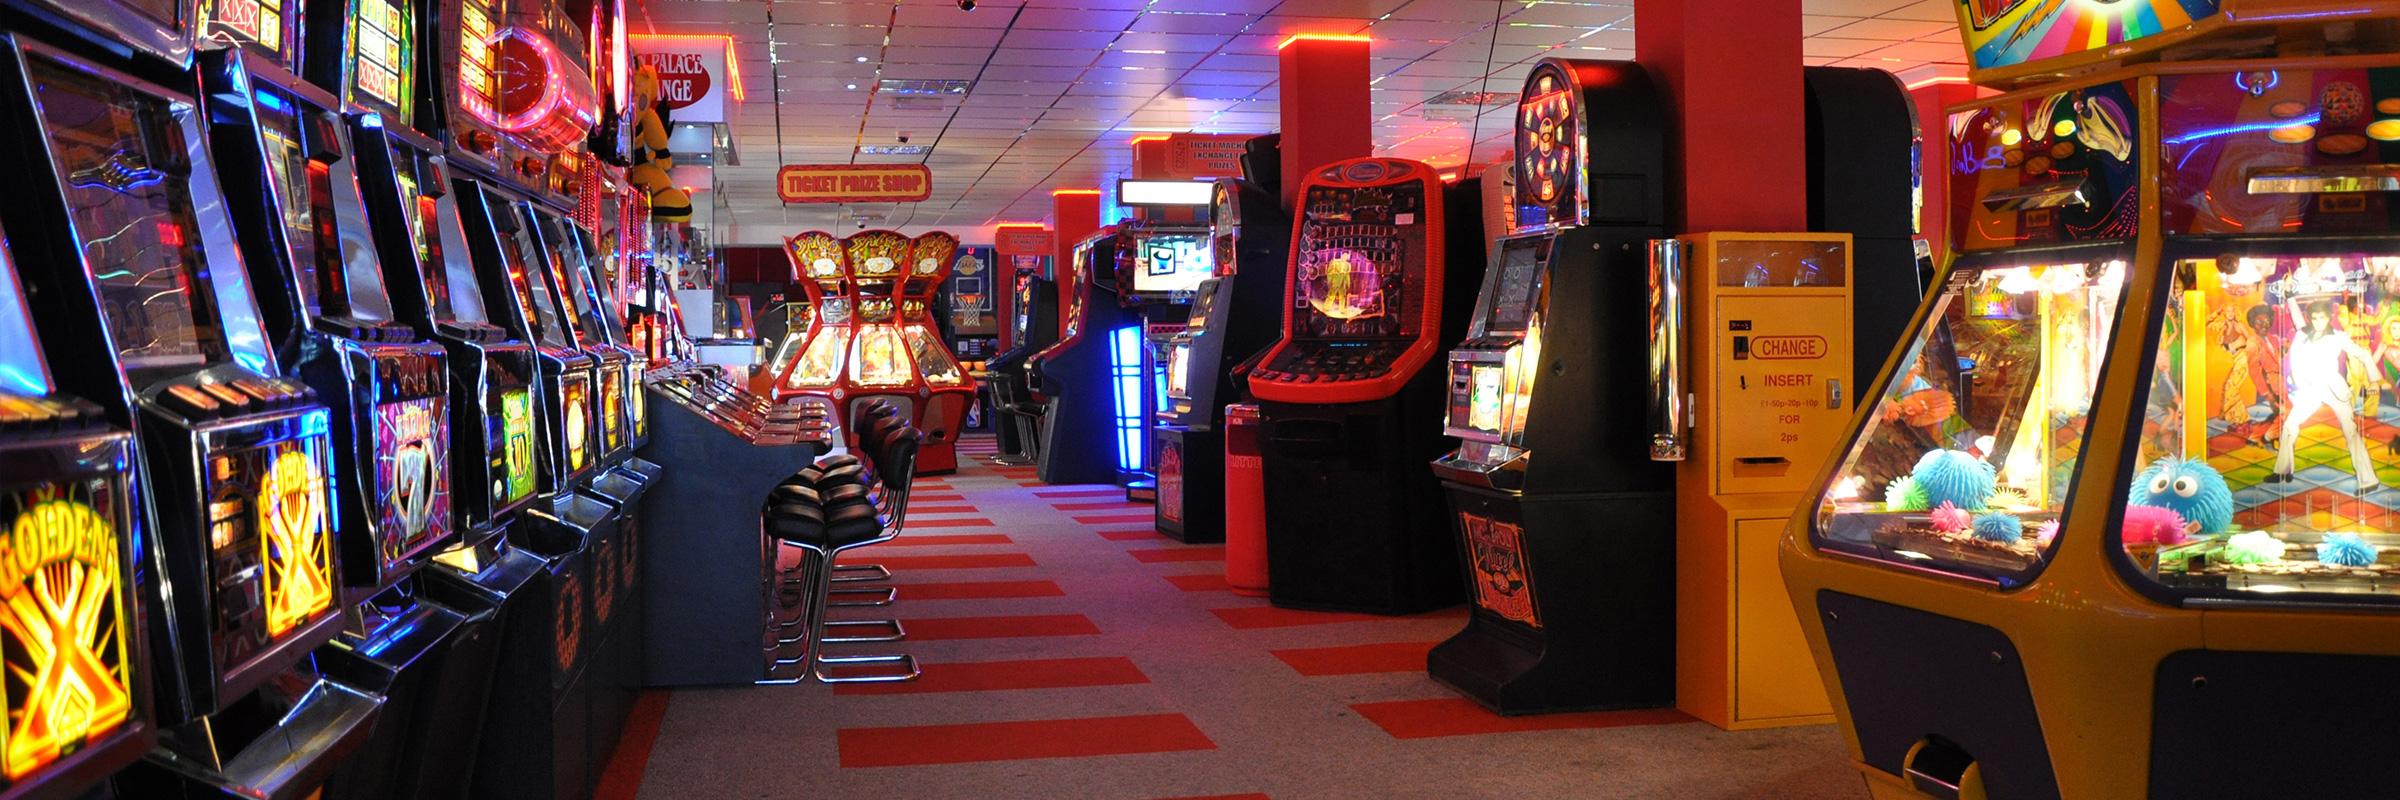 The claremont casino maritim jv resort and casino